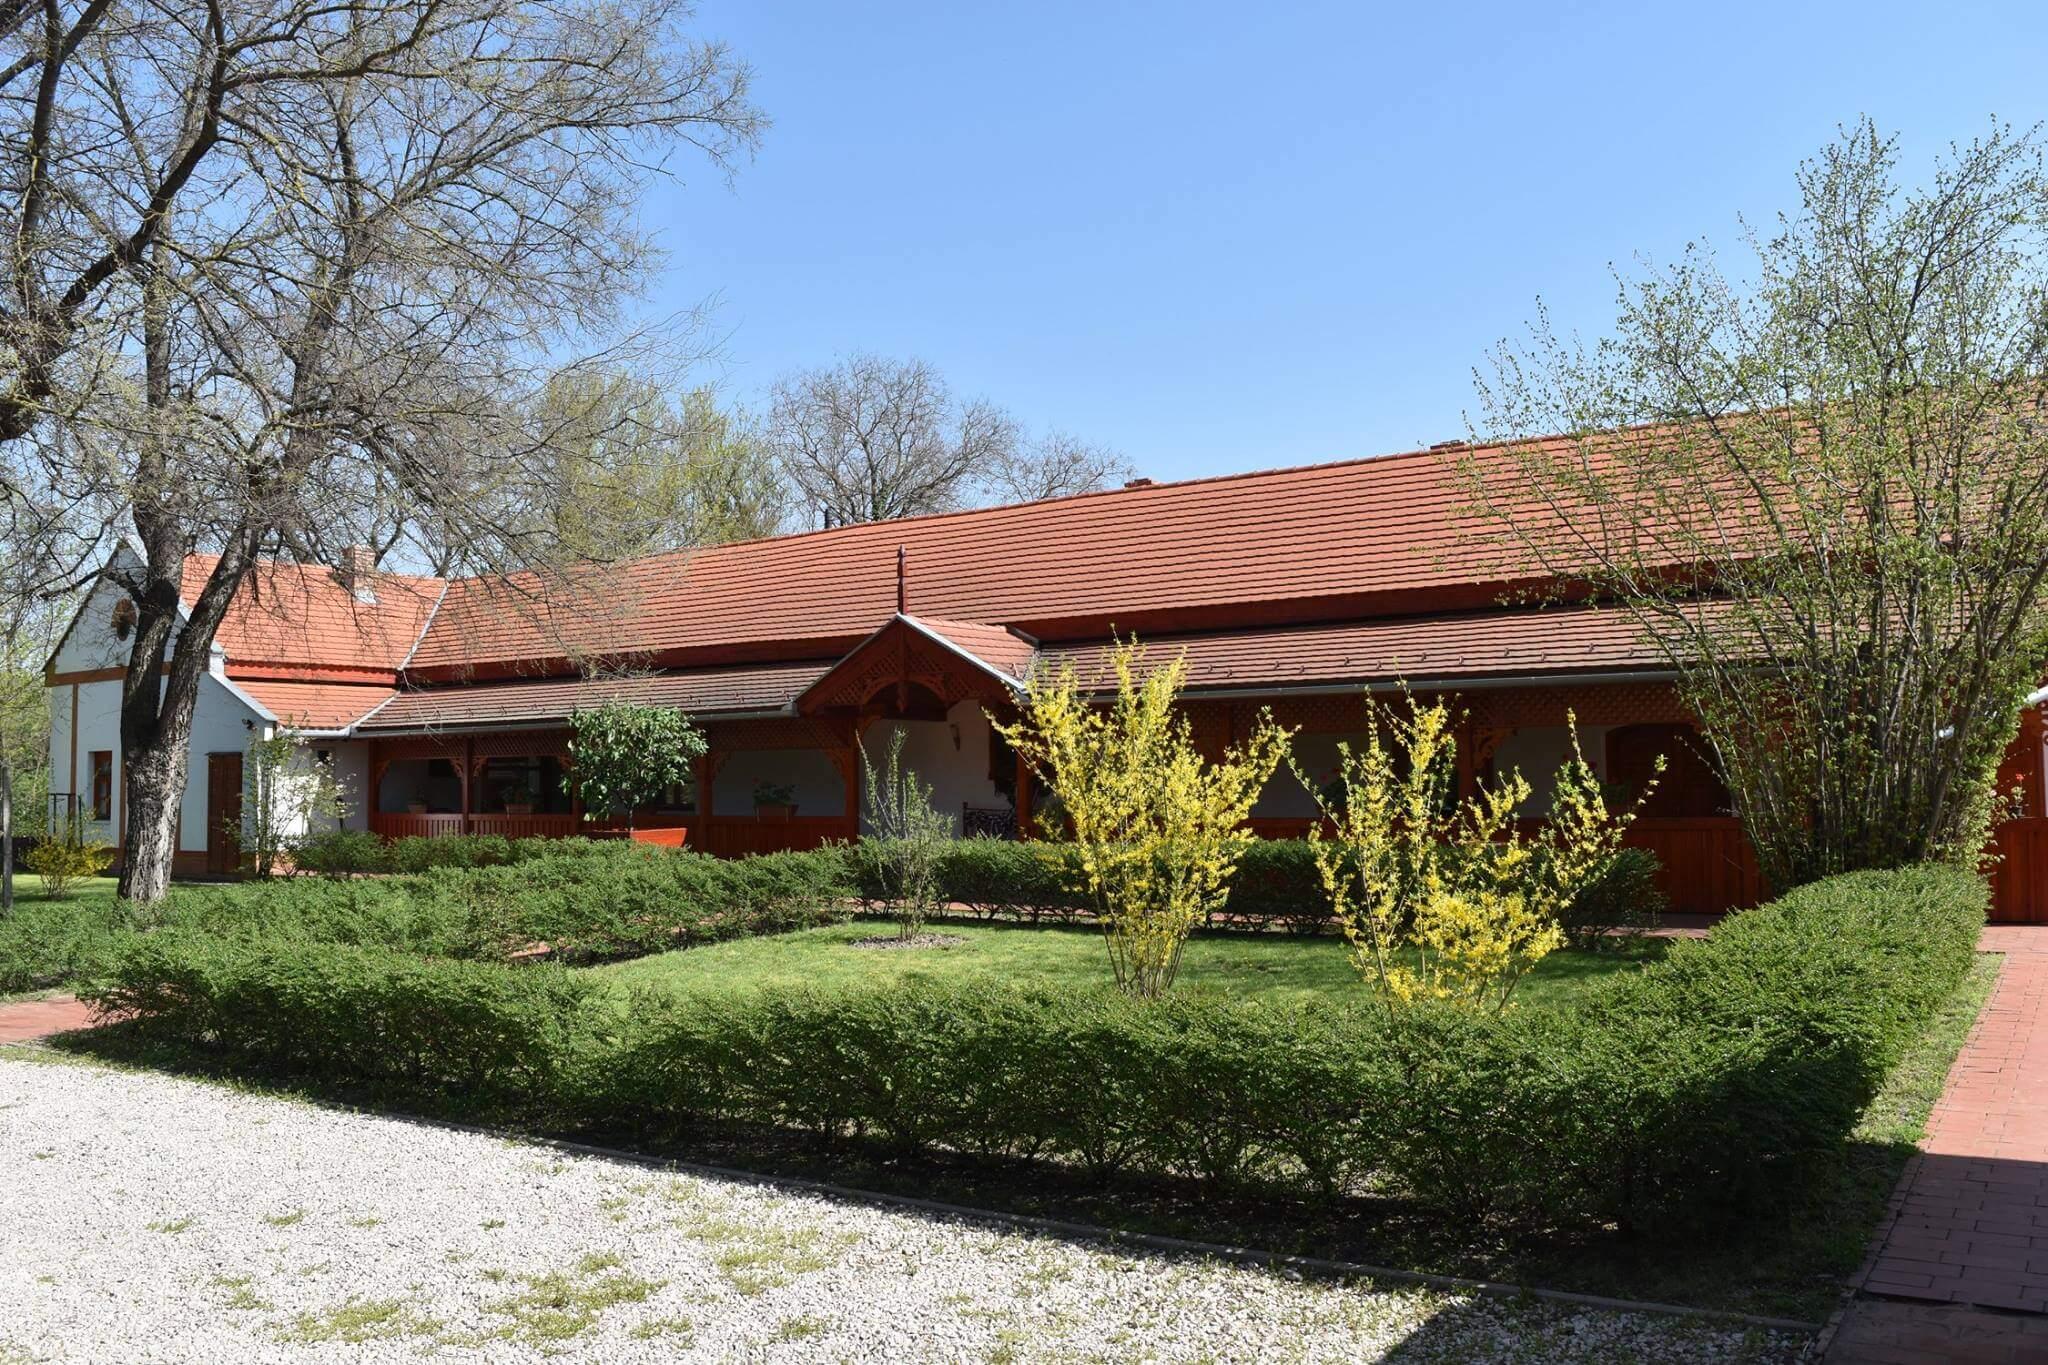 Geographical Museum of Tiszazug - Tiszaföldvár